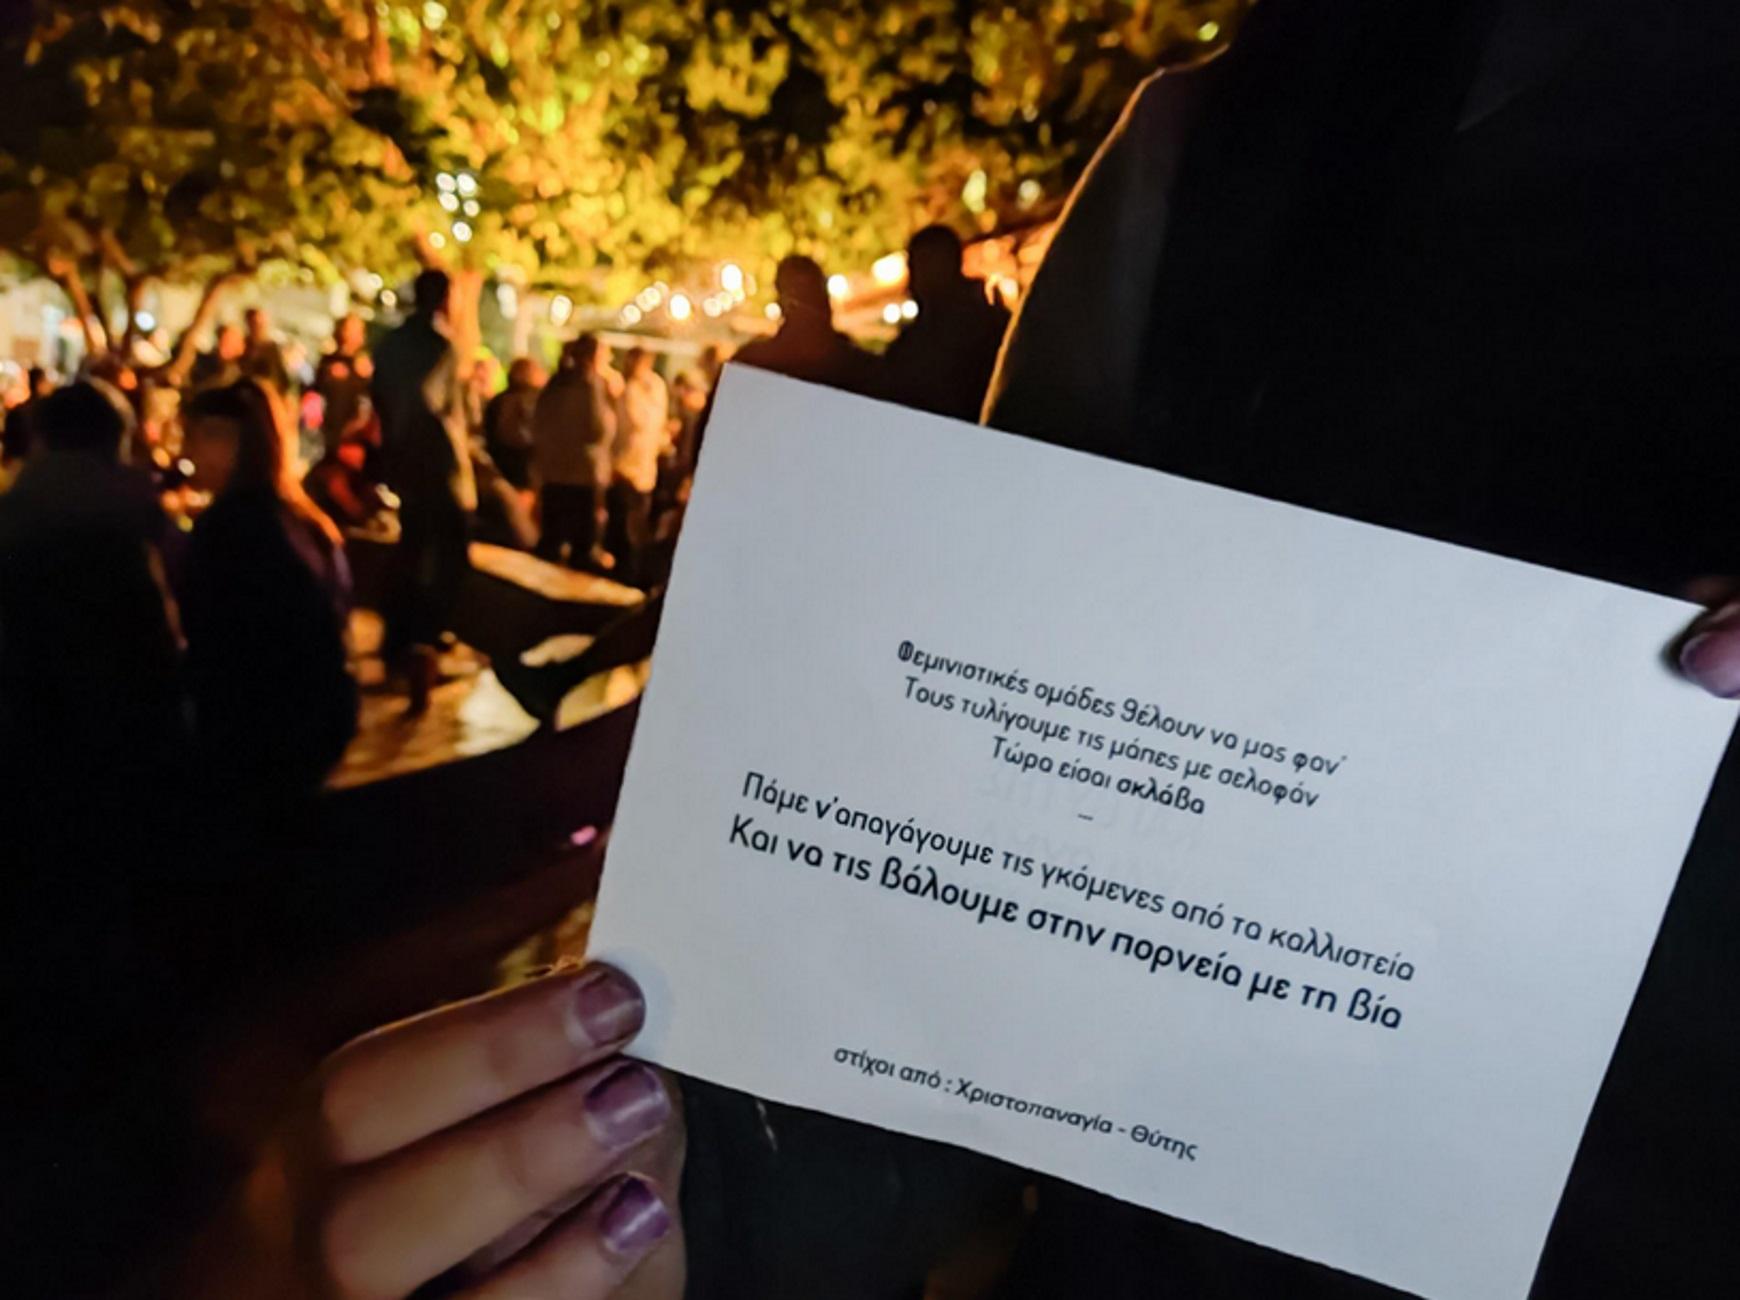 Βόλος: Τρικάκια κατά του ράπερ «Θύτης» – Οργισμένες γυναίκες για τους στίχους τραγουδιών του